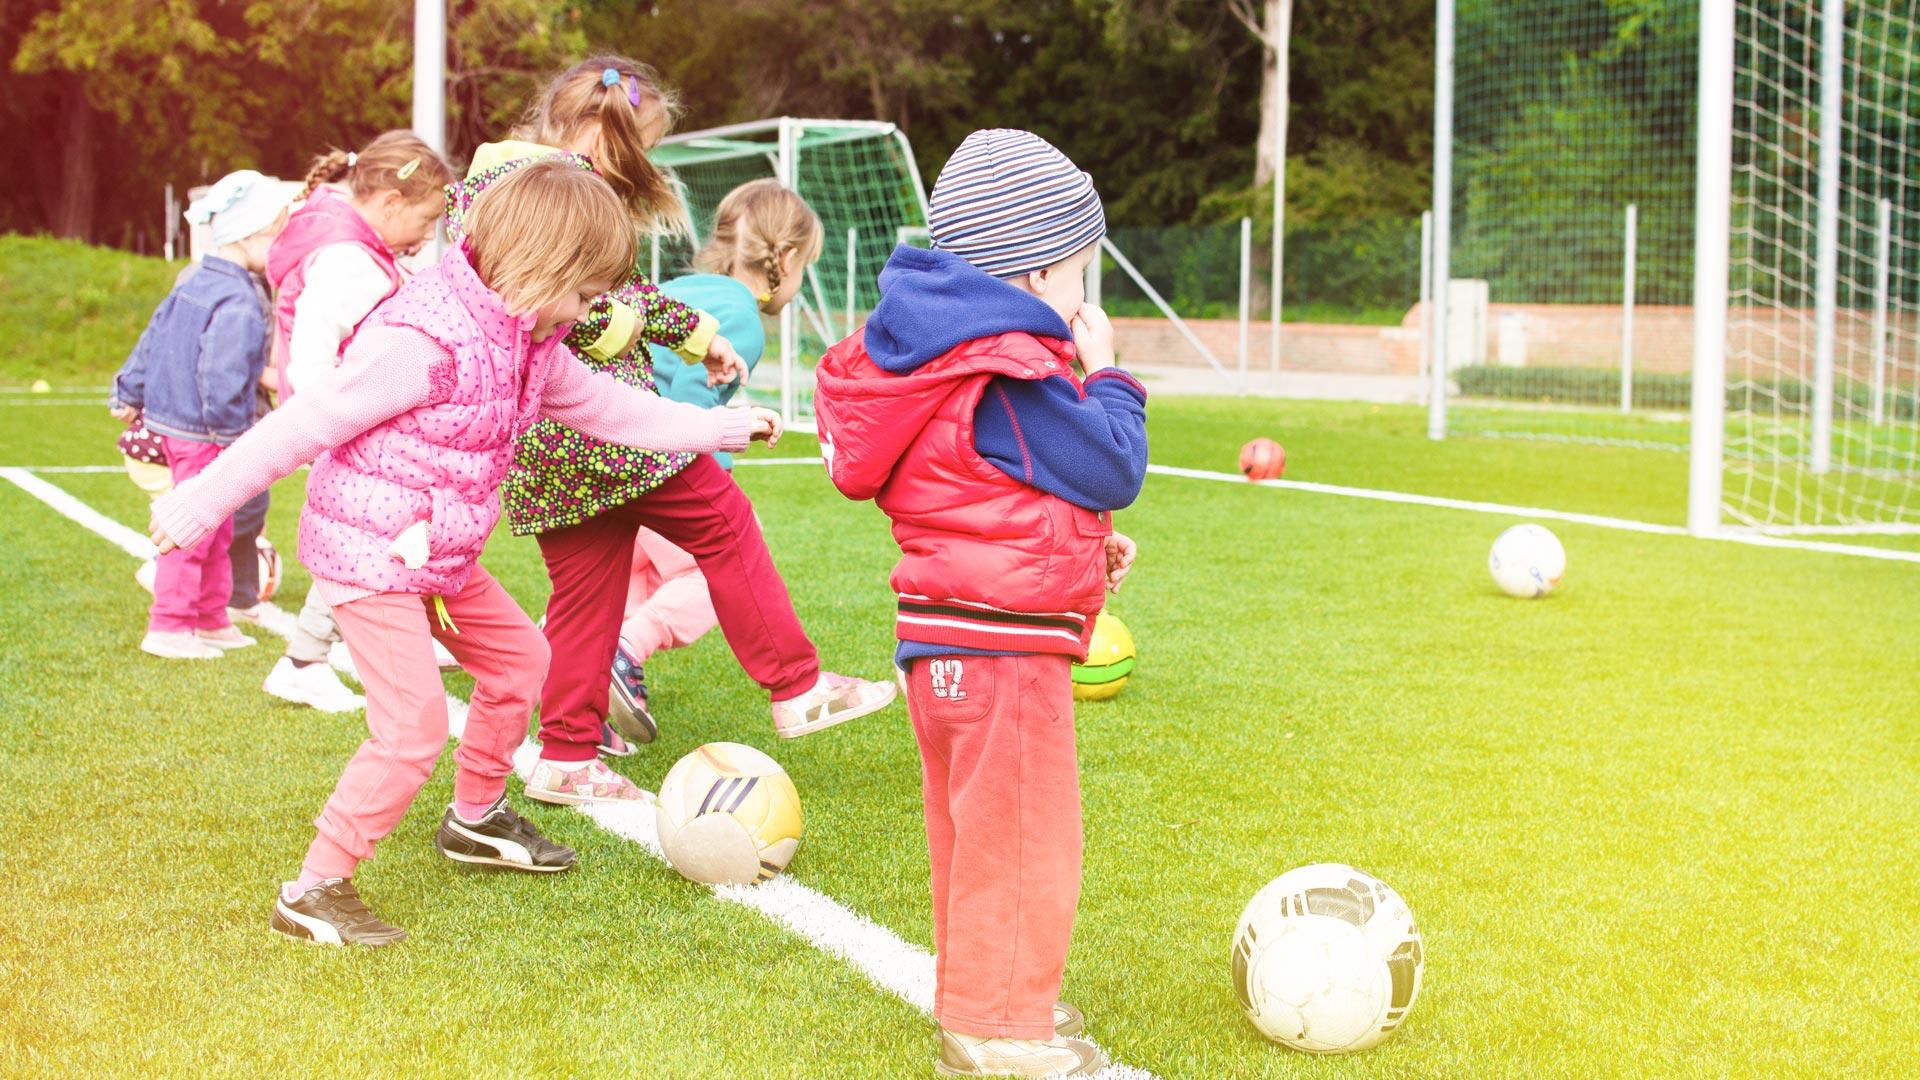 Firmeneigene Ferienprogramme Kinder spielen Fussball in den Ferien